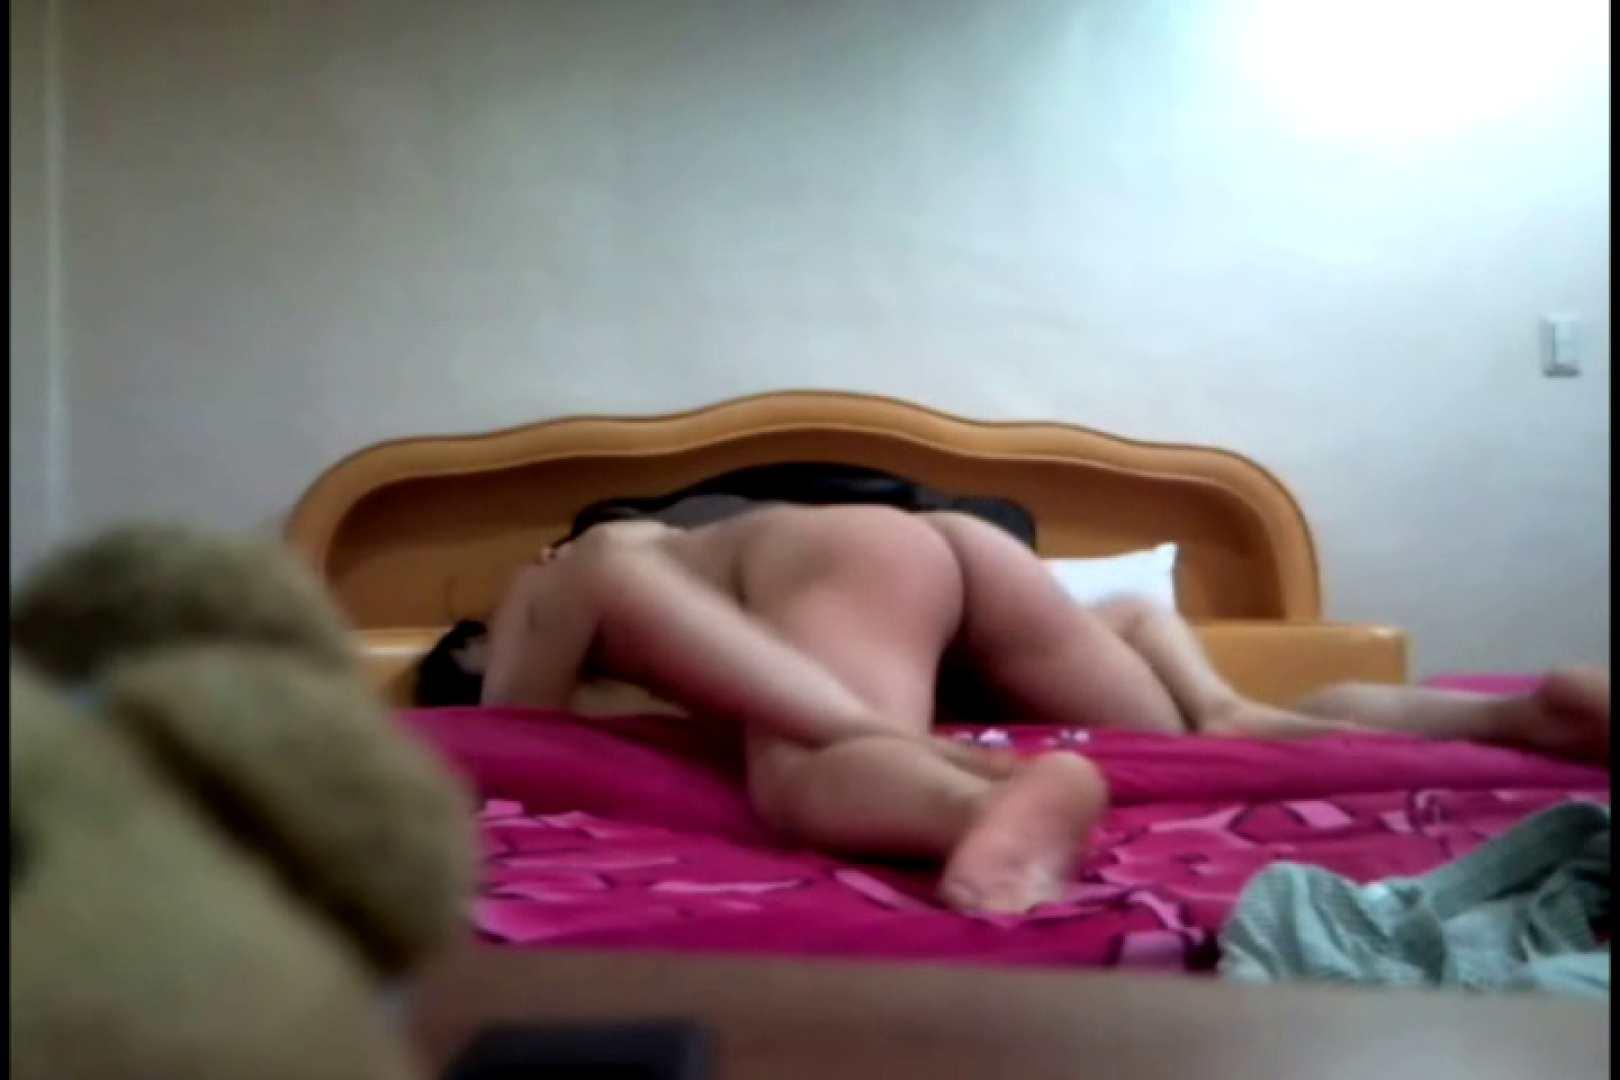 コリアン素人流出シリーズ ラブホテル隠し撮り ラブホテル  86pic 20